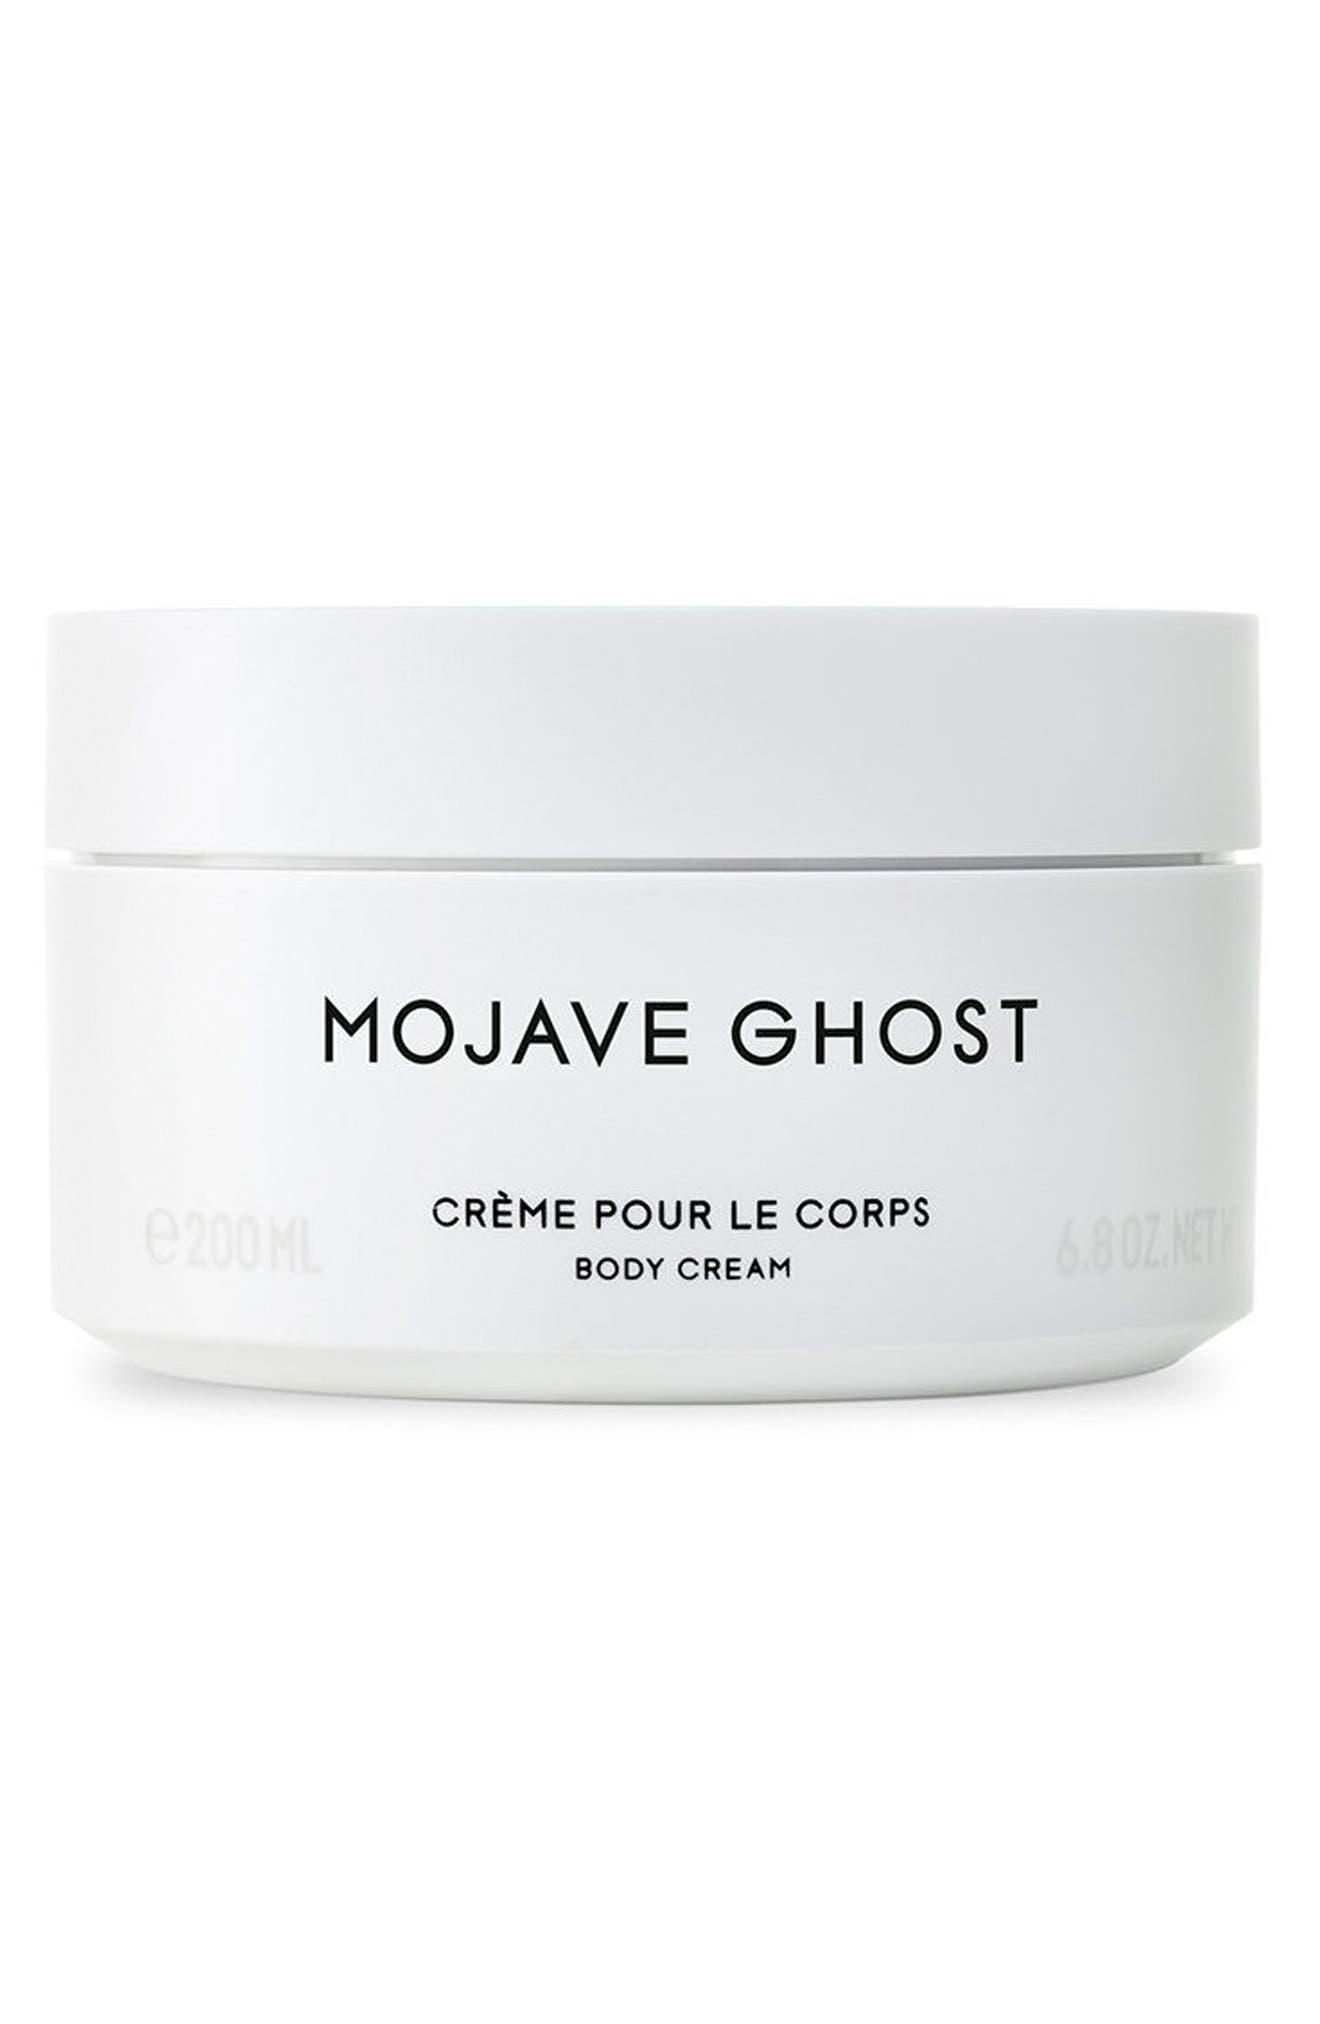 Mojave Ghost Body Cream,                         Main,                         color, No Color